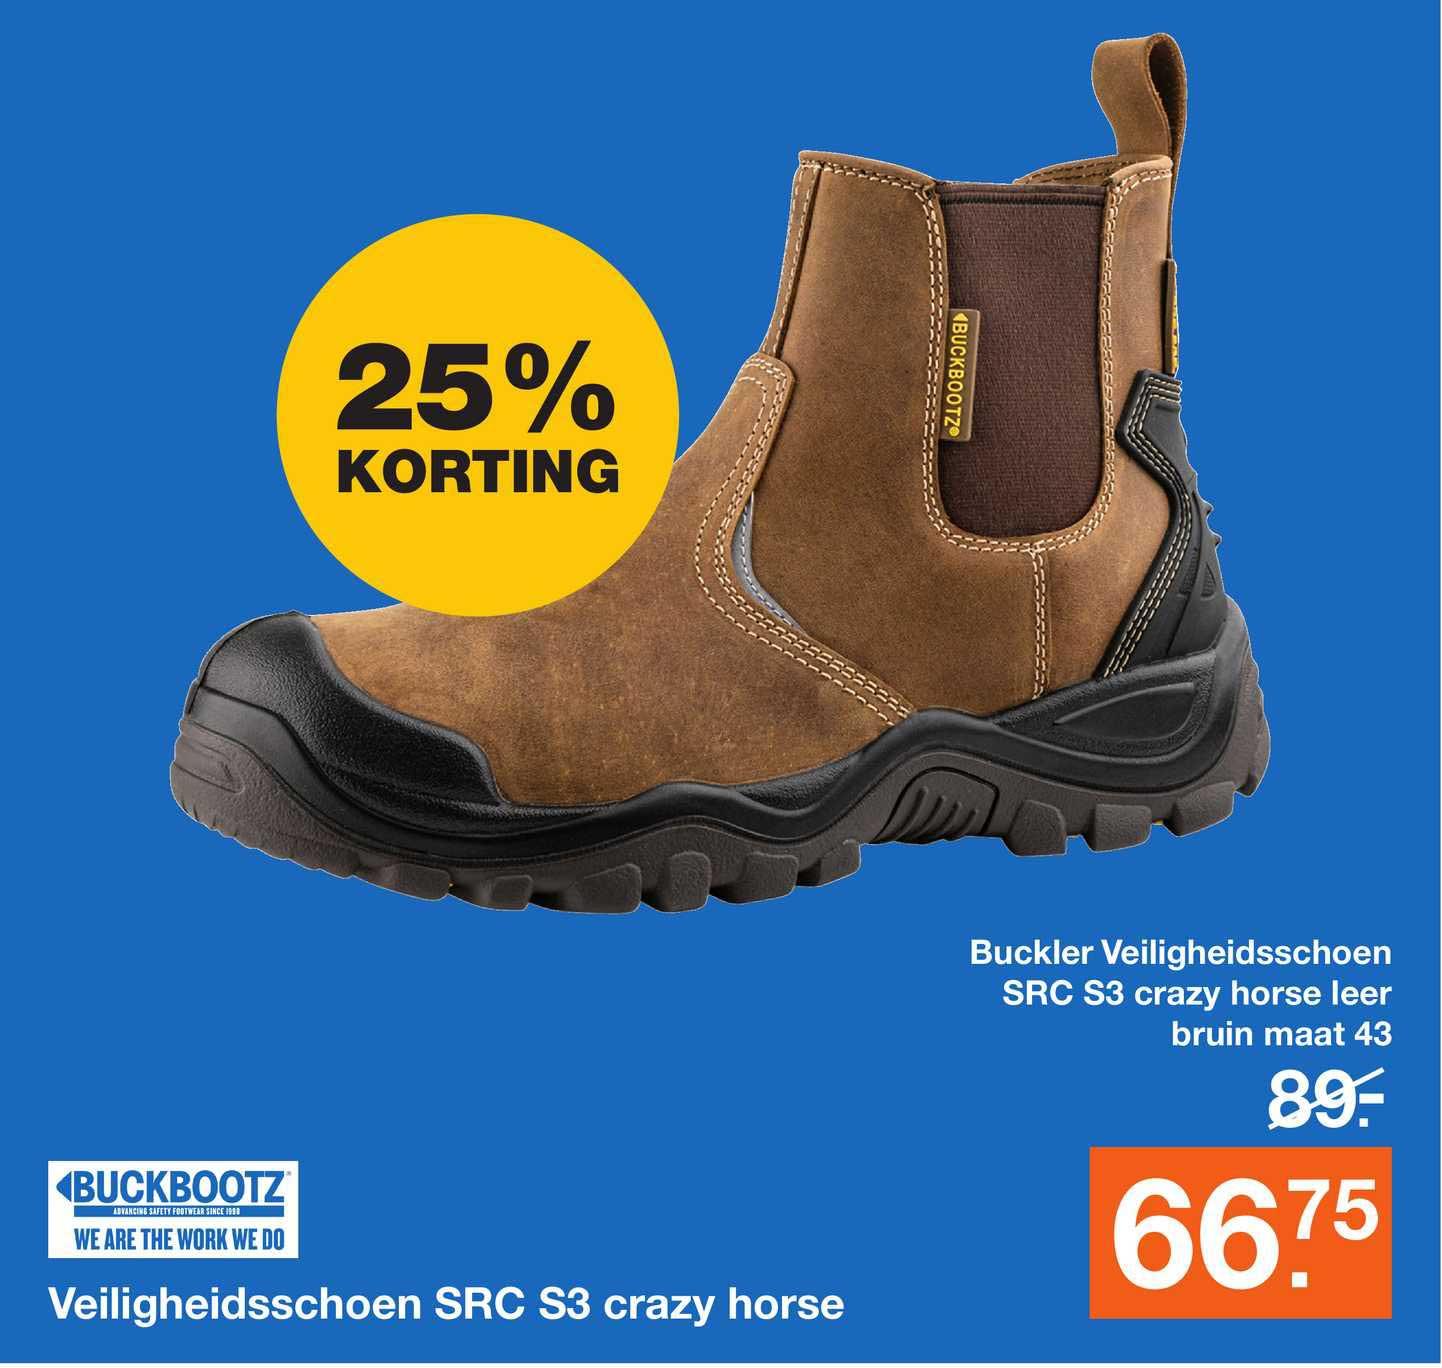 Bouwmaat Veiligheidsschoen SRC S3 Crazy Horse 25% Korting